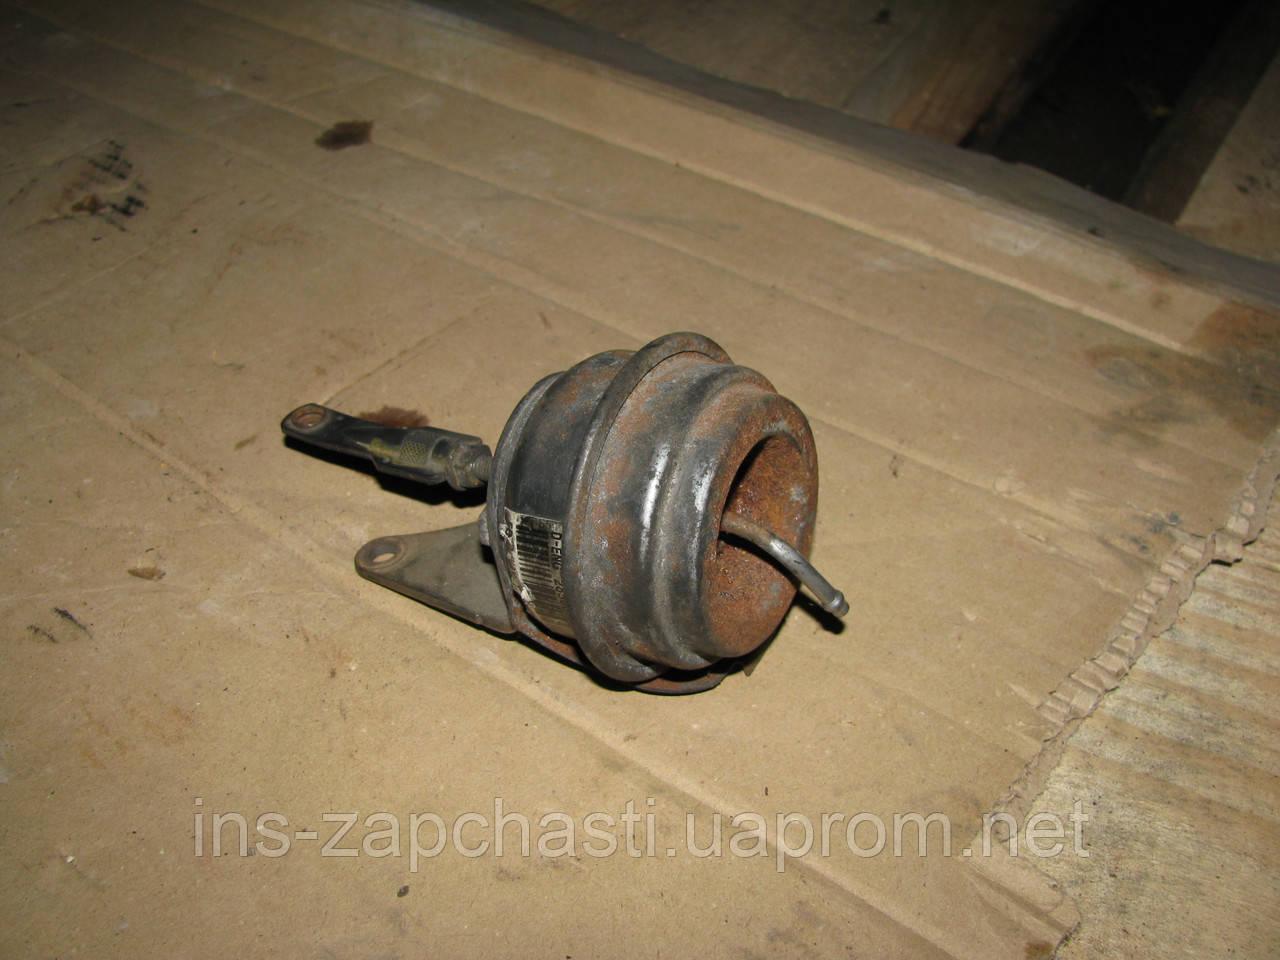 Клапан рециркуляції (ЄДР) турбіни 28500-27060 Hyundai i30 2007-2011